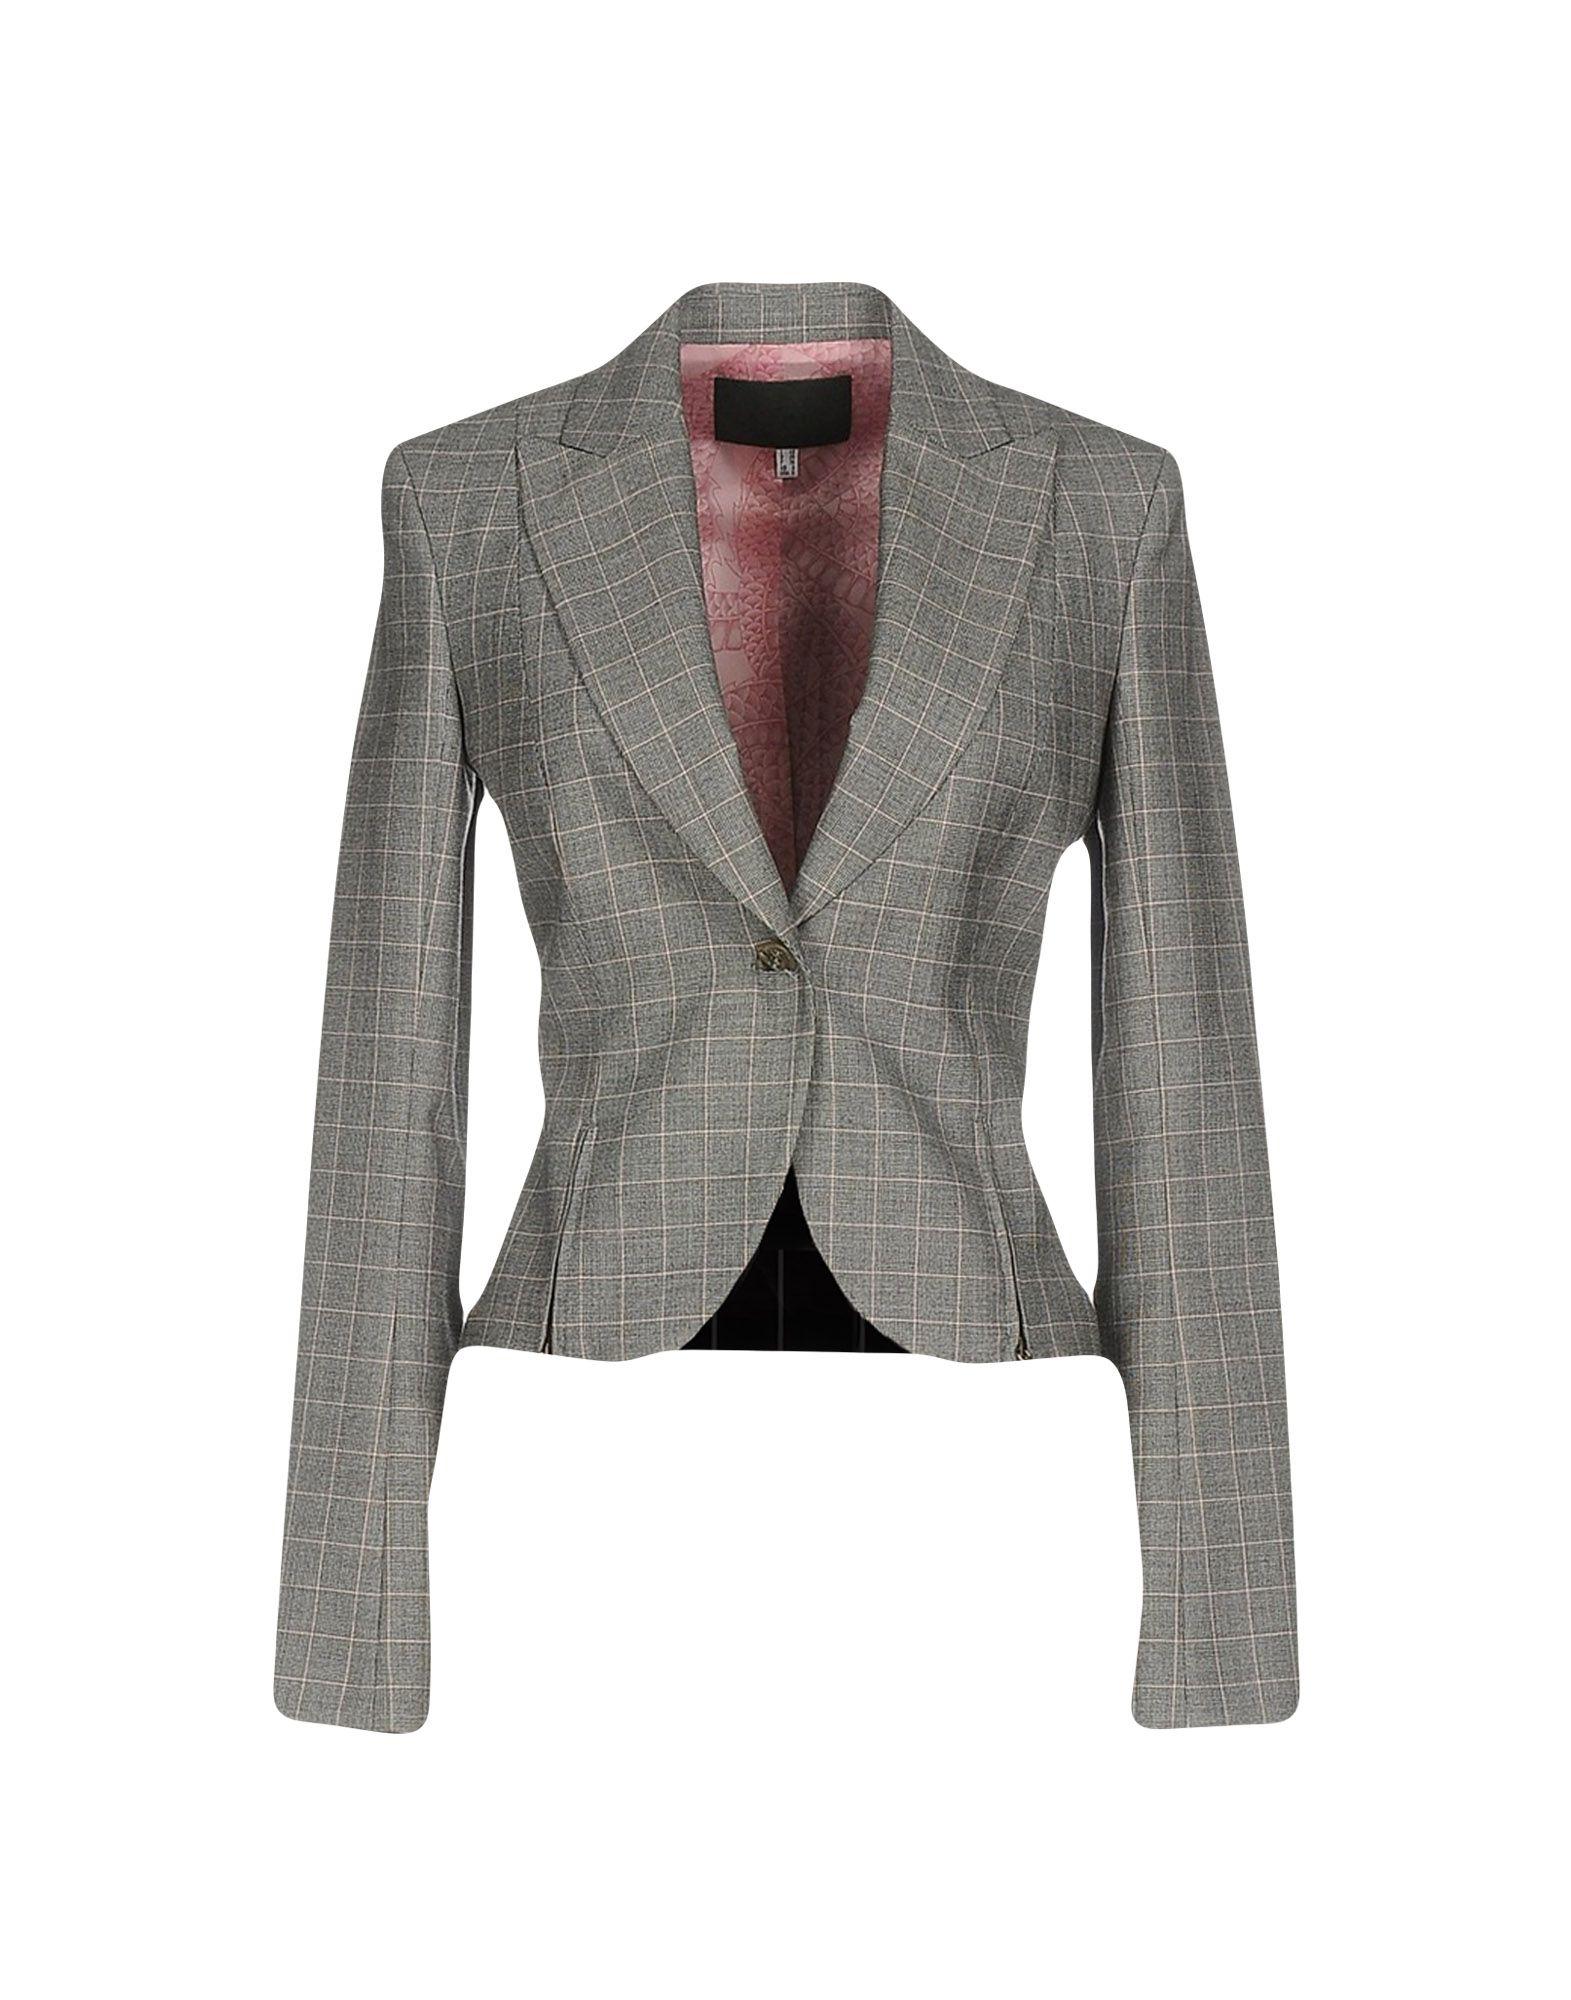 RICHMOND X Damen Jackett Farbe Grau Größe 4 - broschei